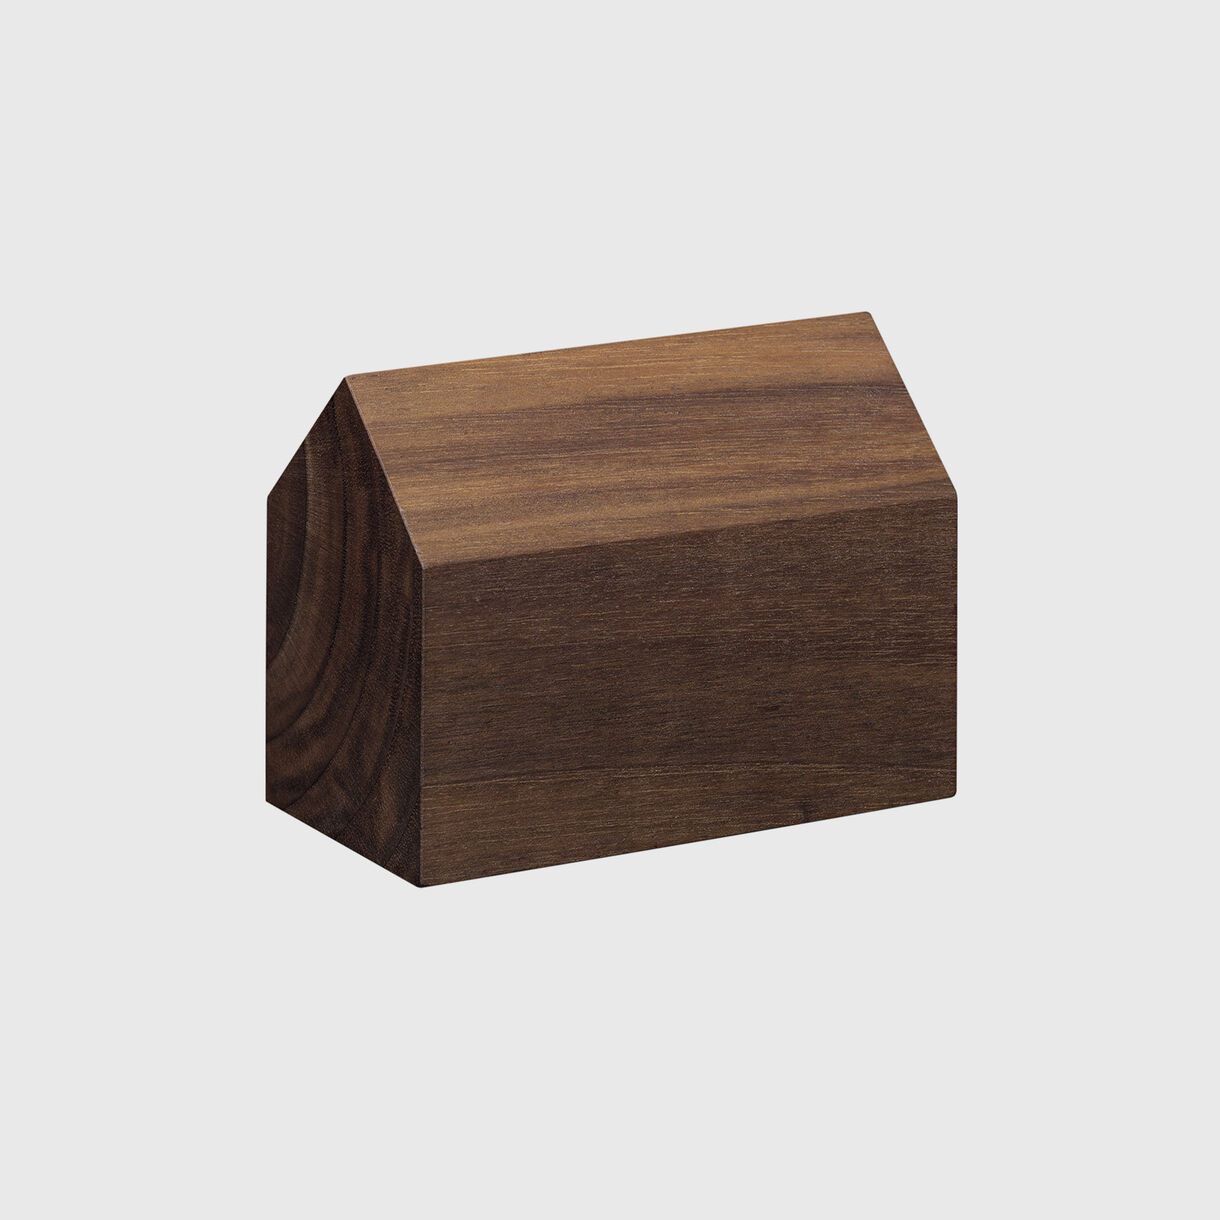 Haus Paper Weight, Saddle Large, European Walnut